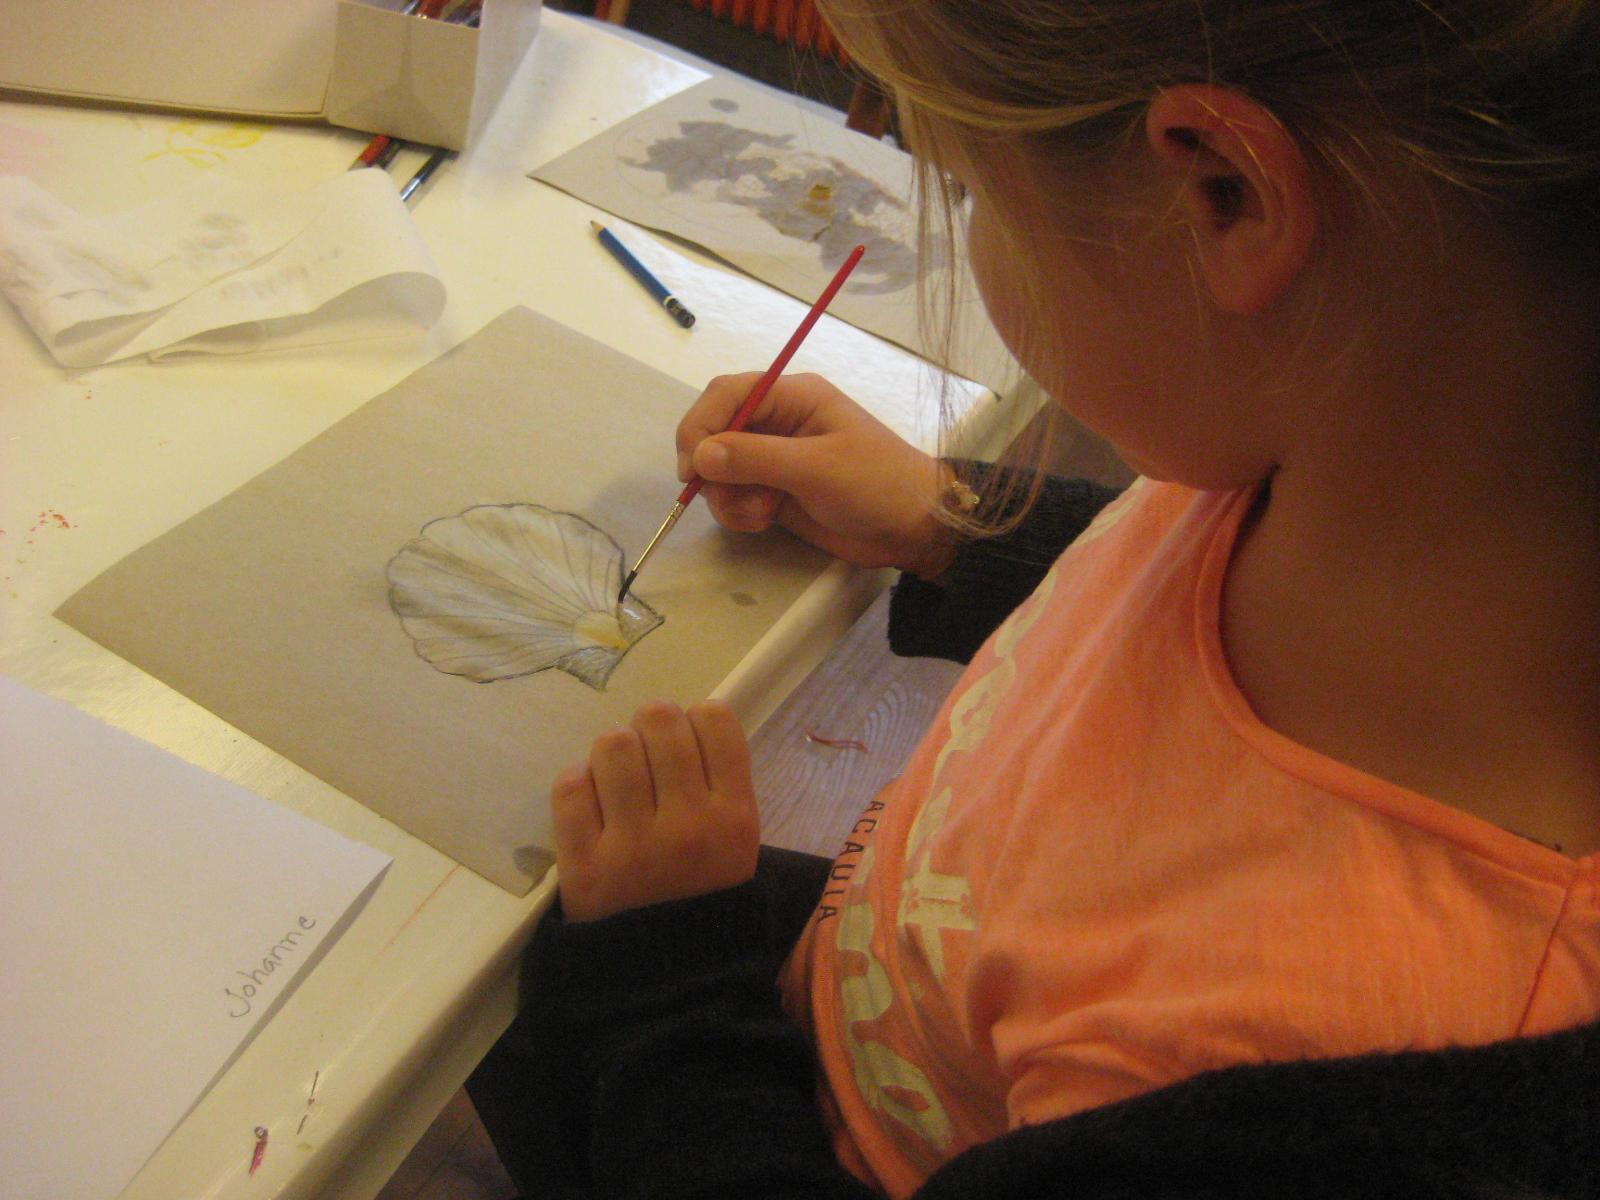 Tegning for alle - v/Henny Asboe på Billedskolen ved Heltborg Museum mandag kl. 14 - 17.